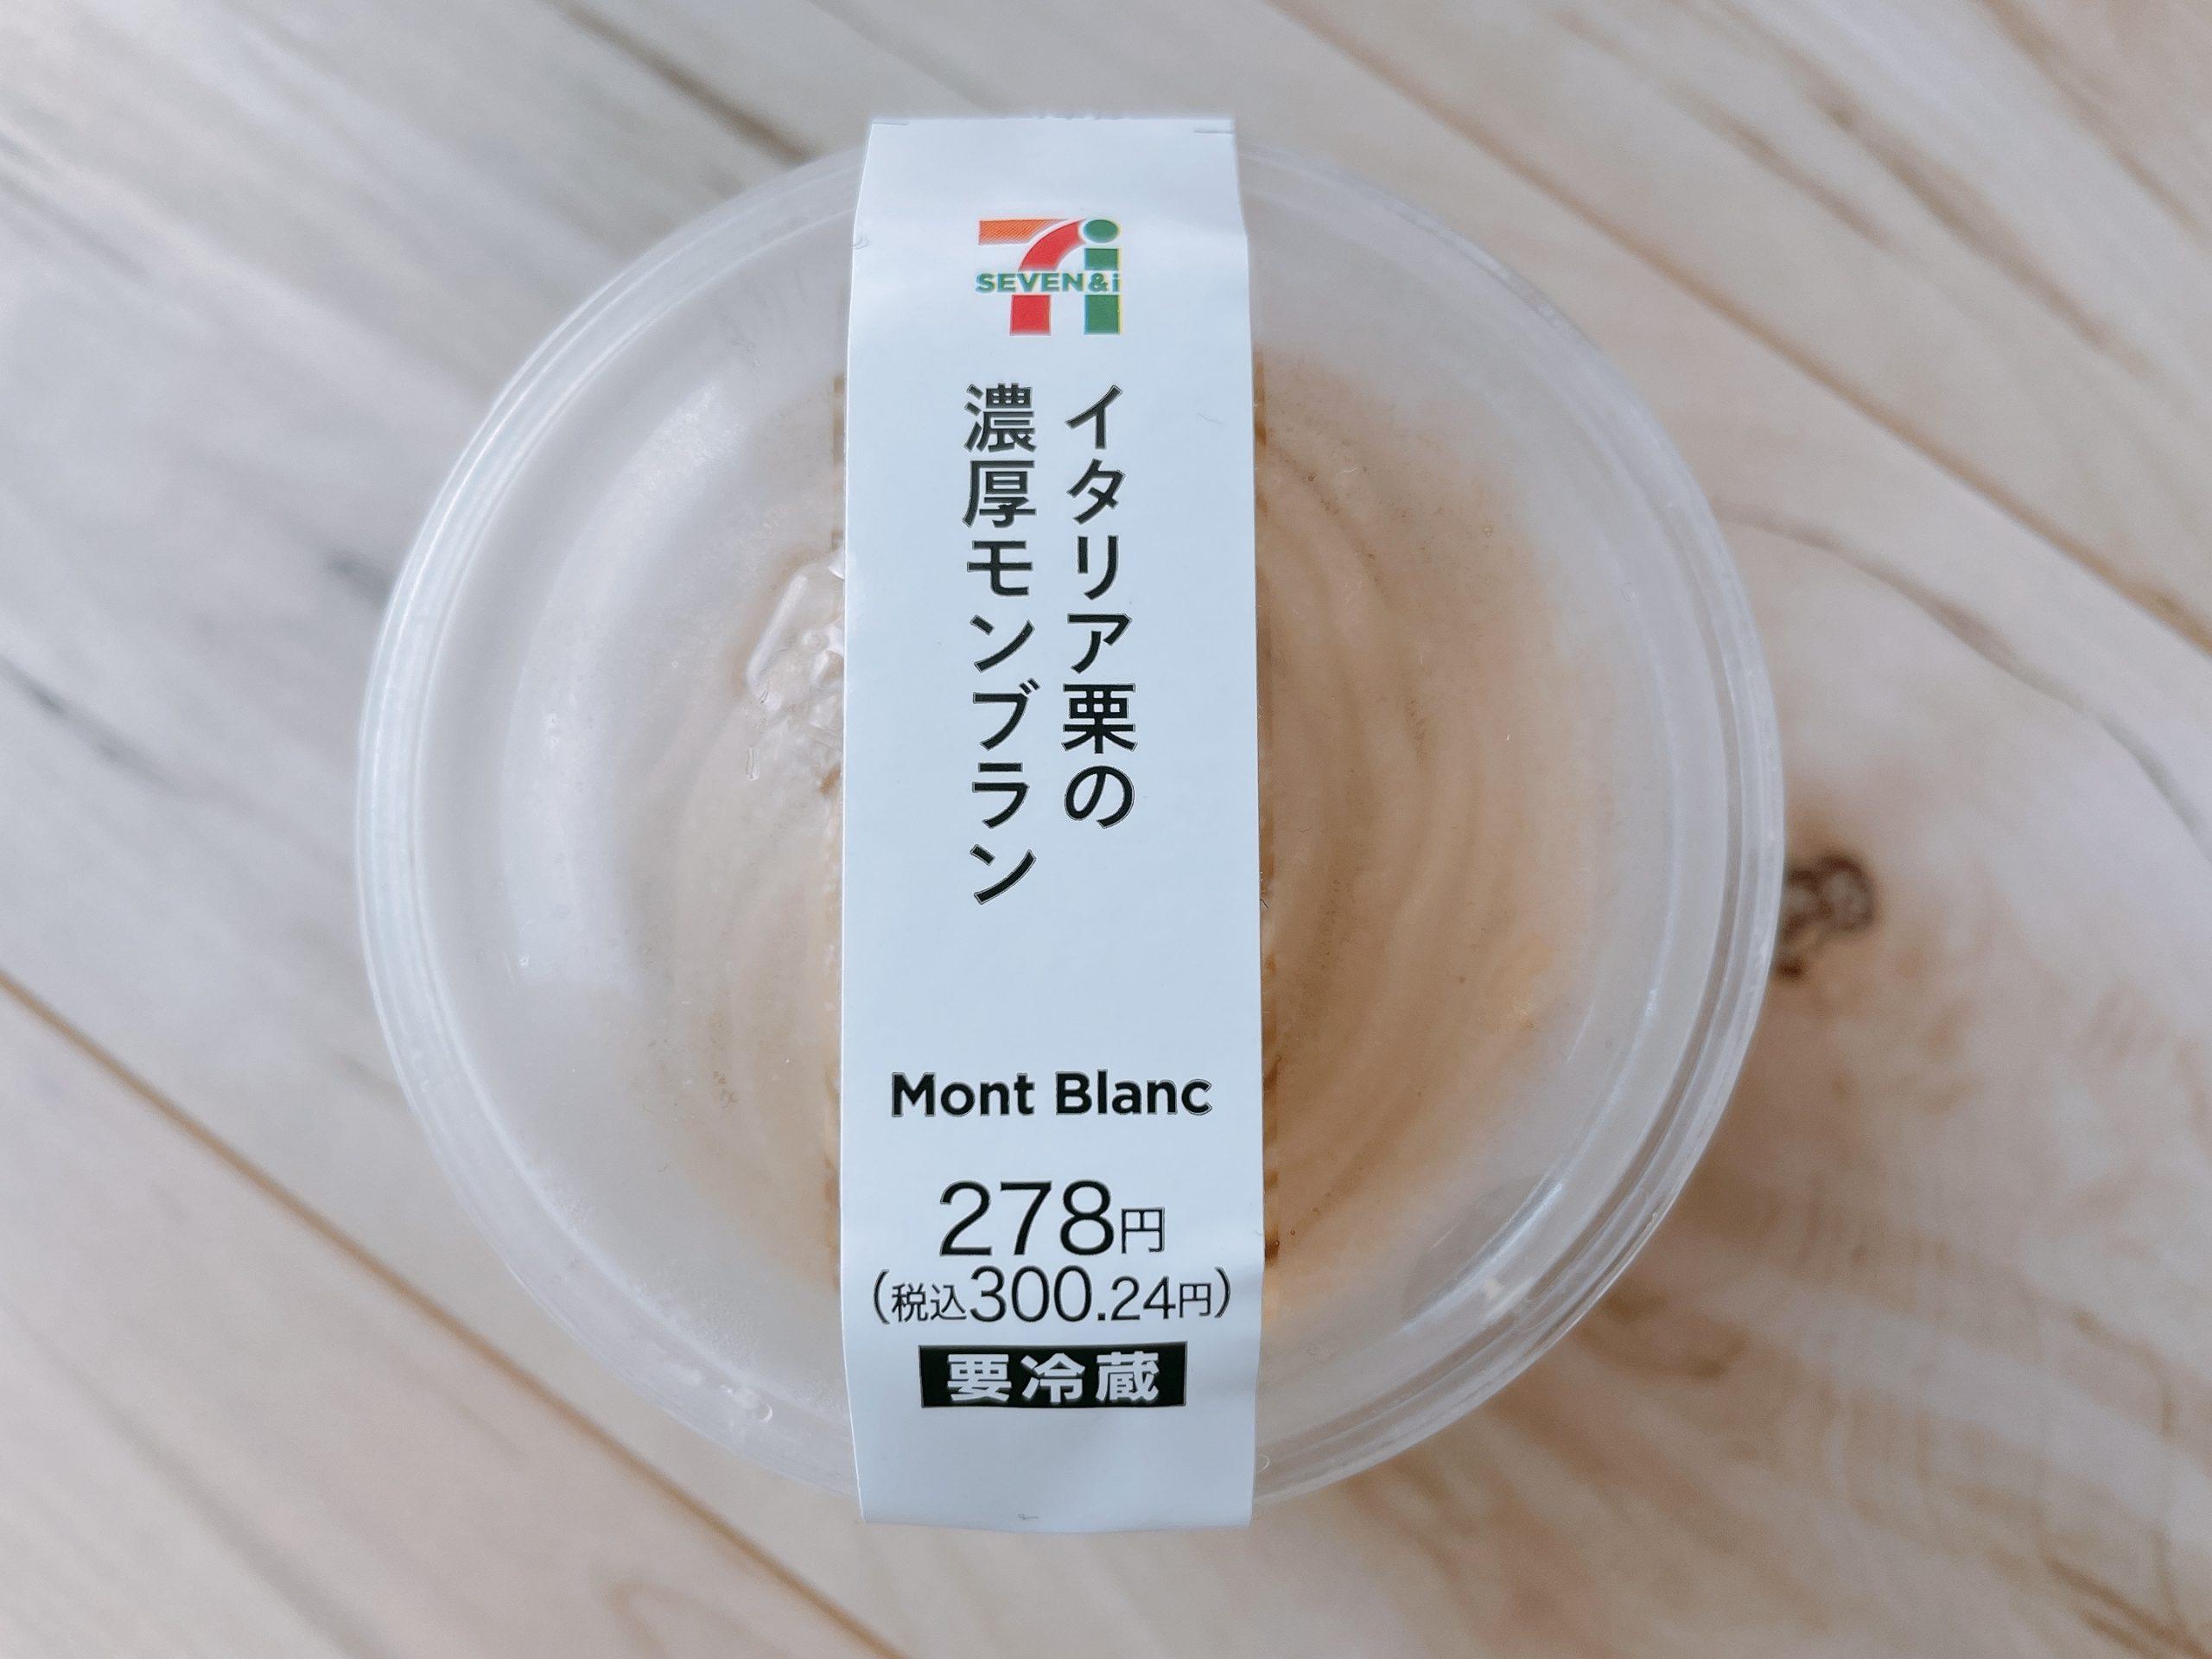 イタリア栗の濃厚モンブランのパッケージ